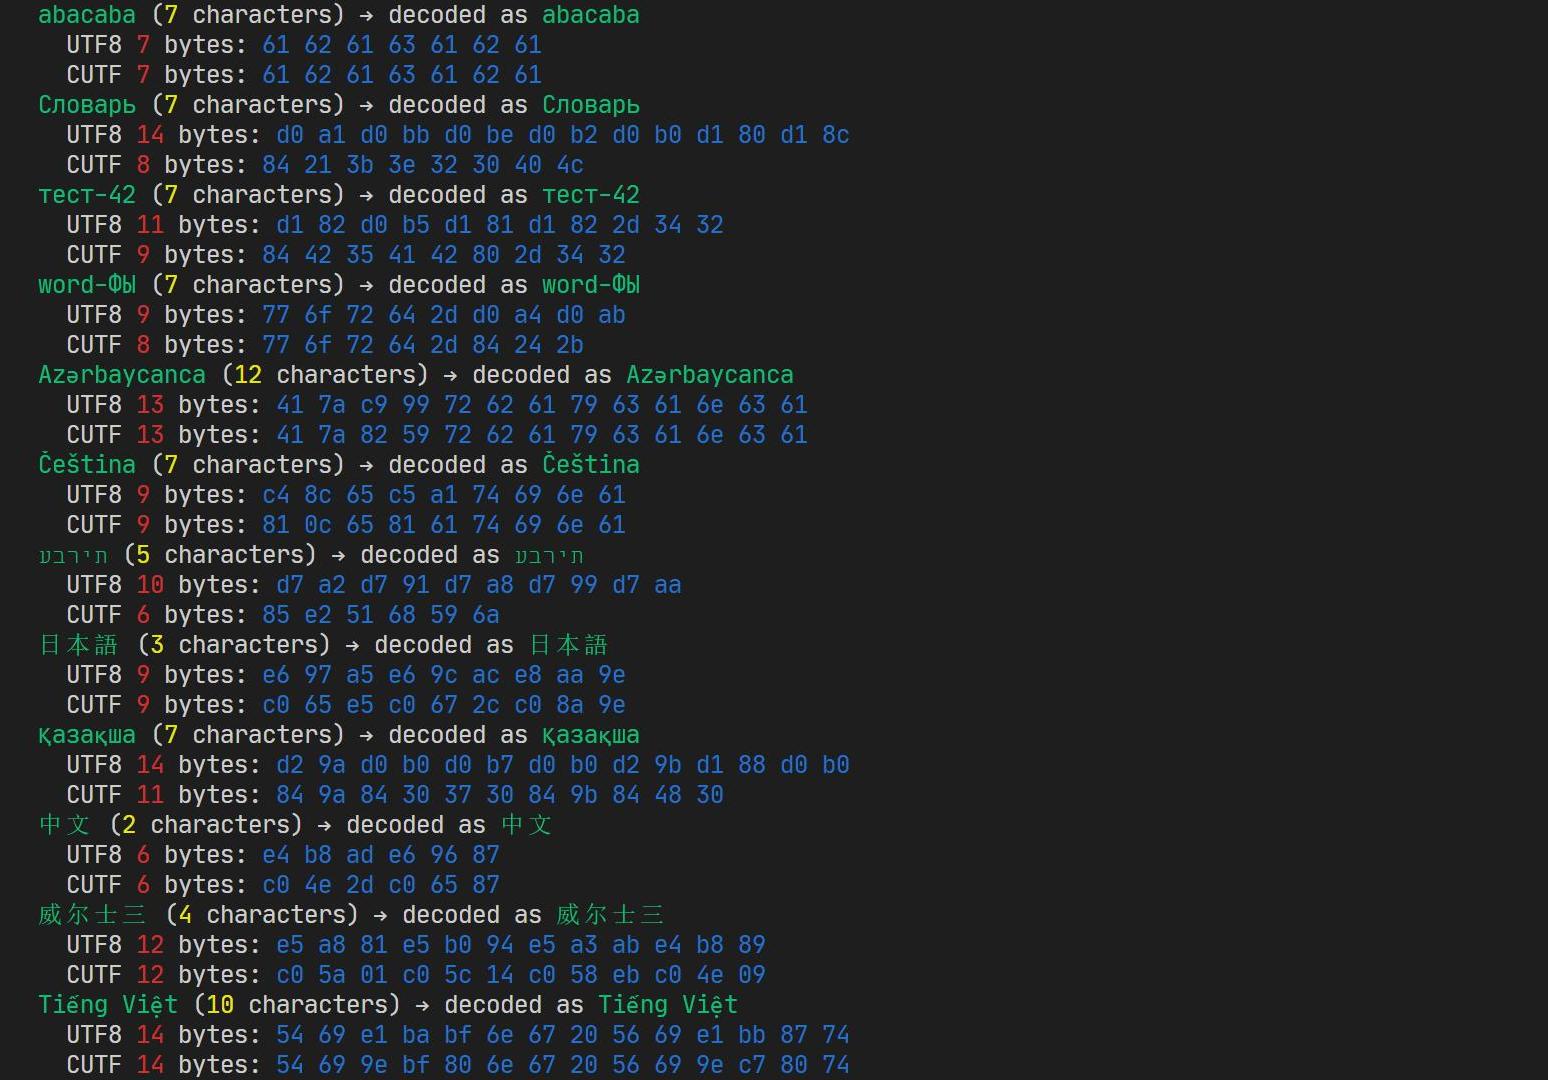 Работа одной из ранних версий. Уже нередко обходит UTF-8, но ещё есть что улучшать.